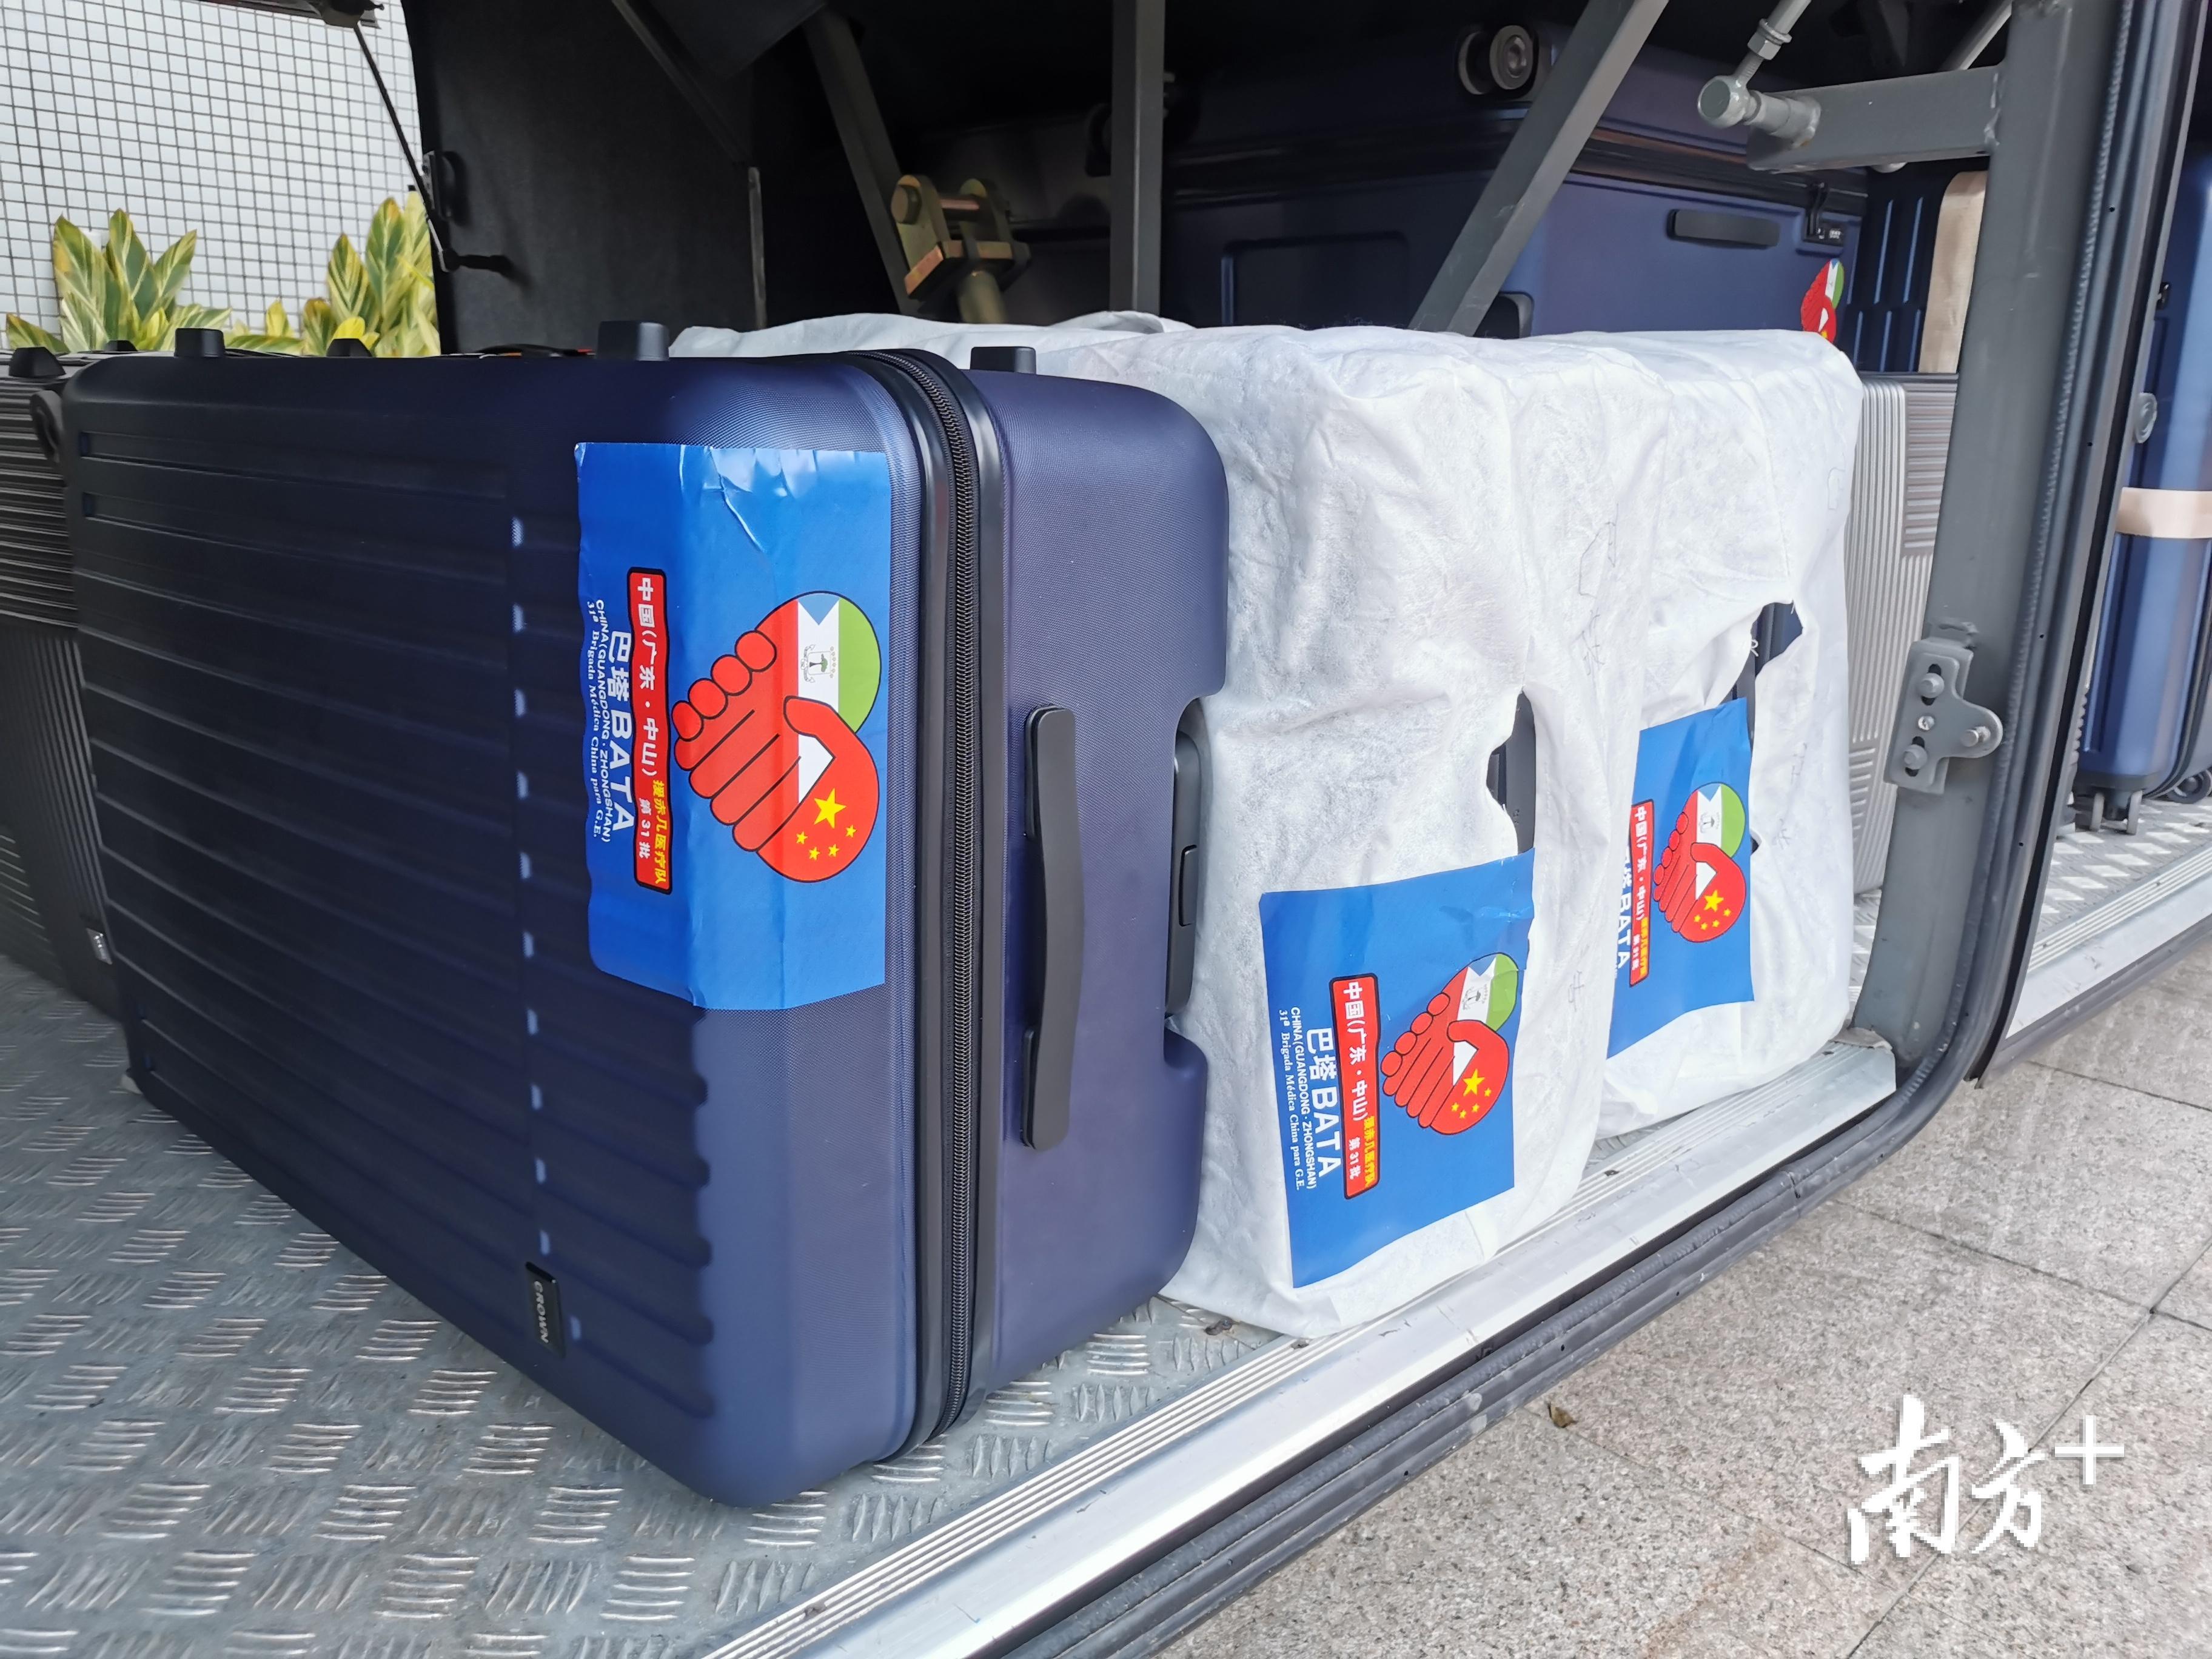 医疗队员的行李都贴上了专属的标签。